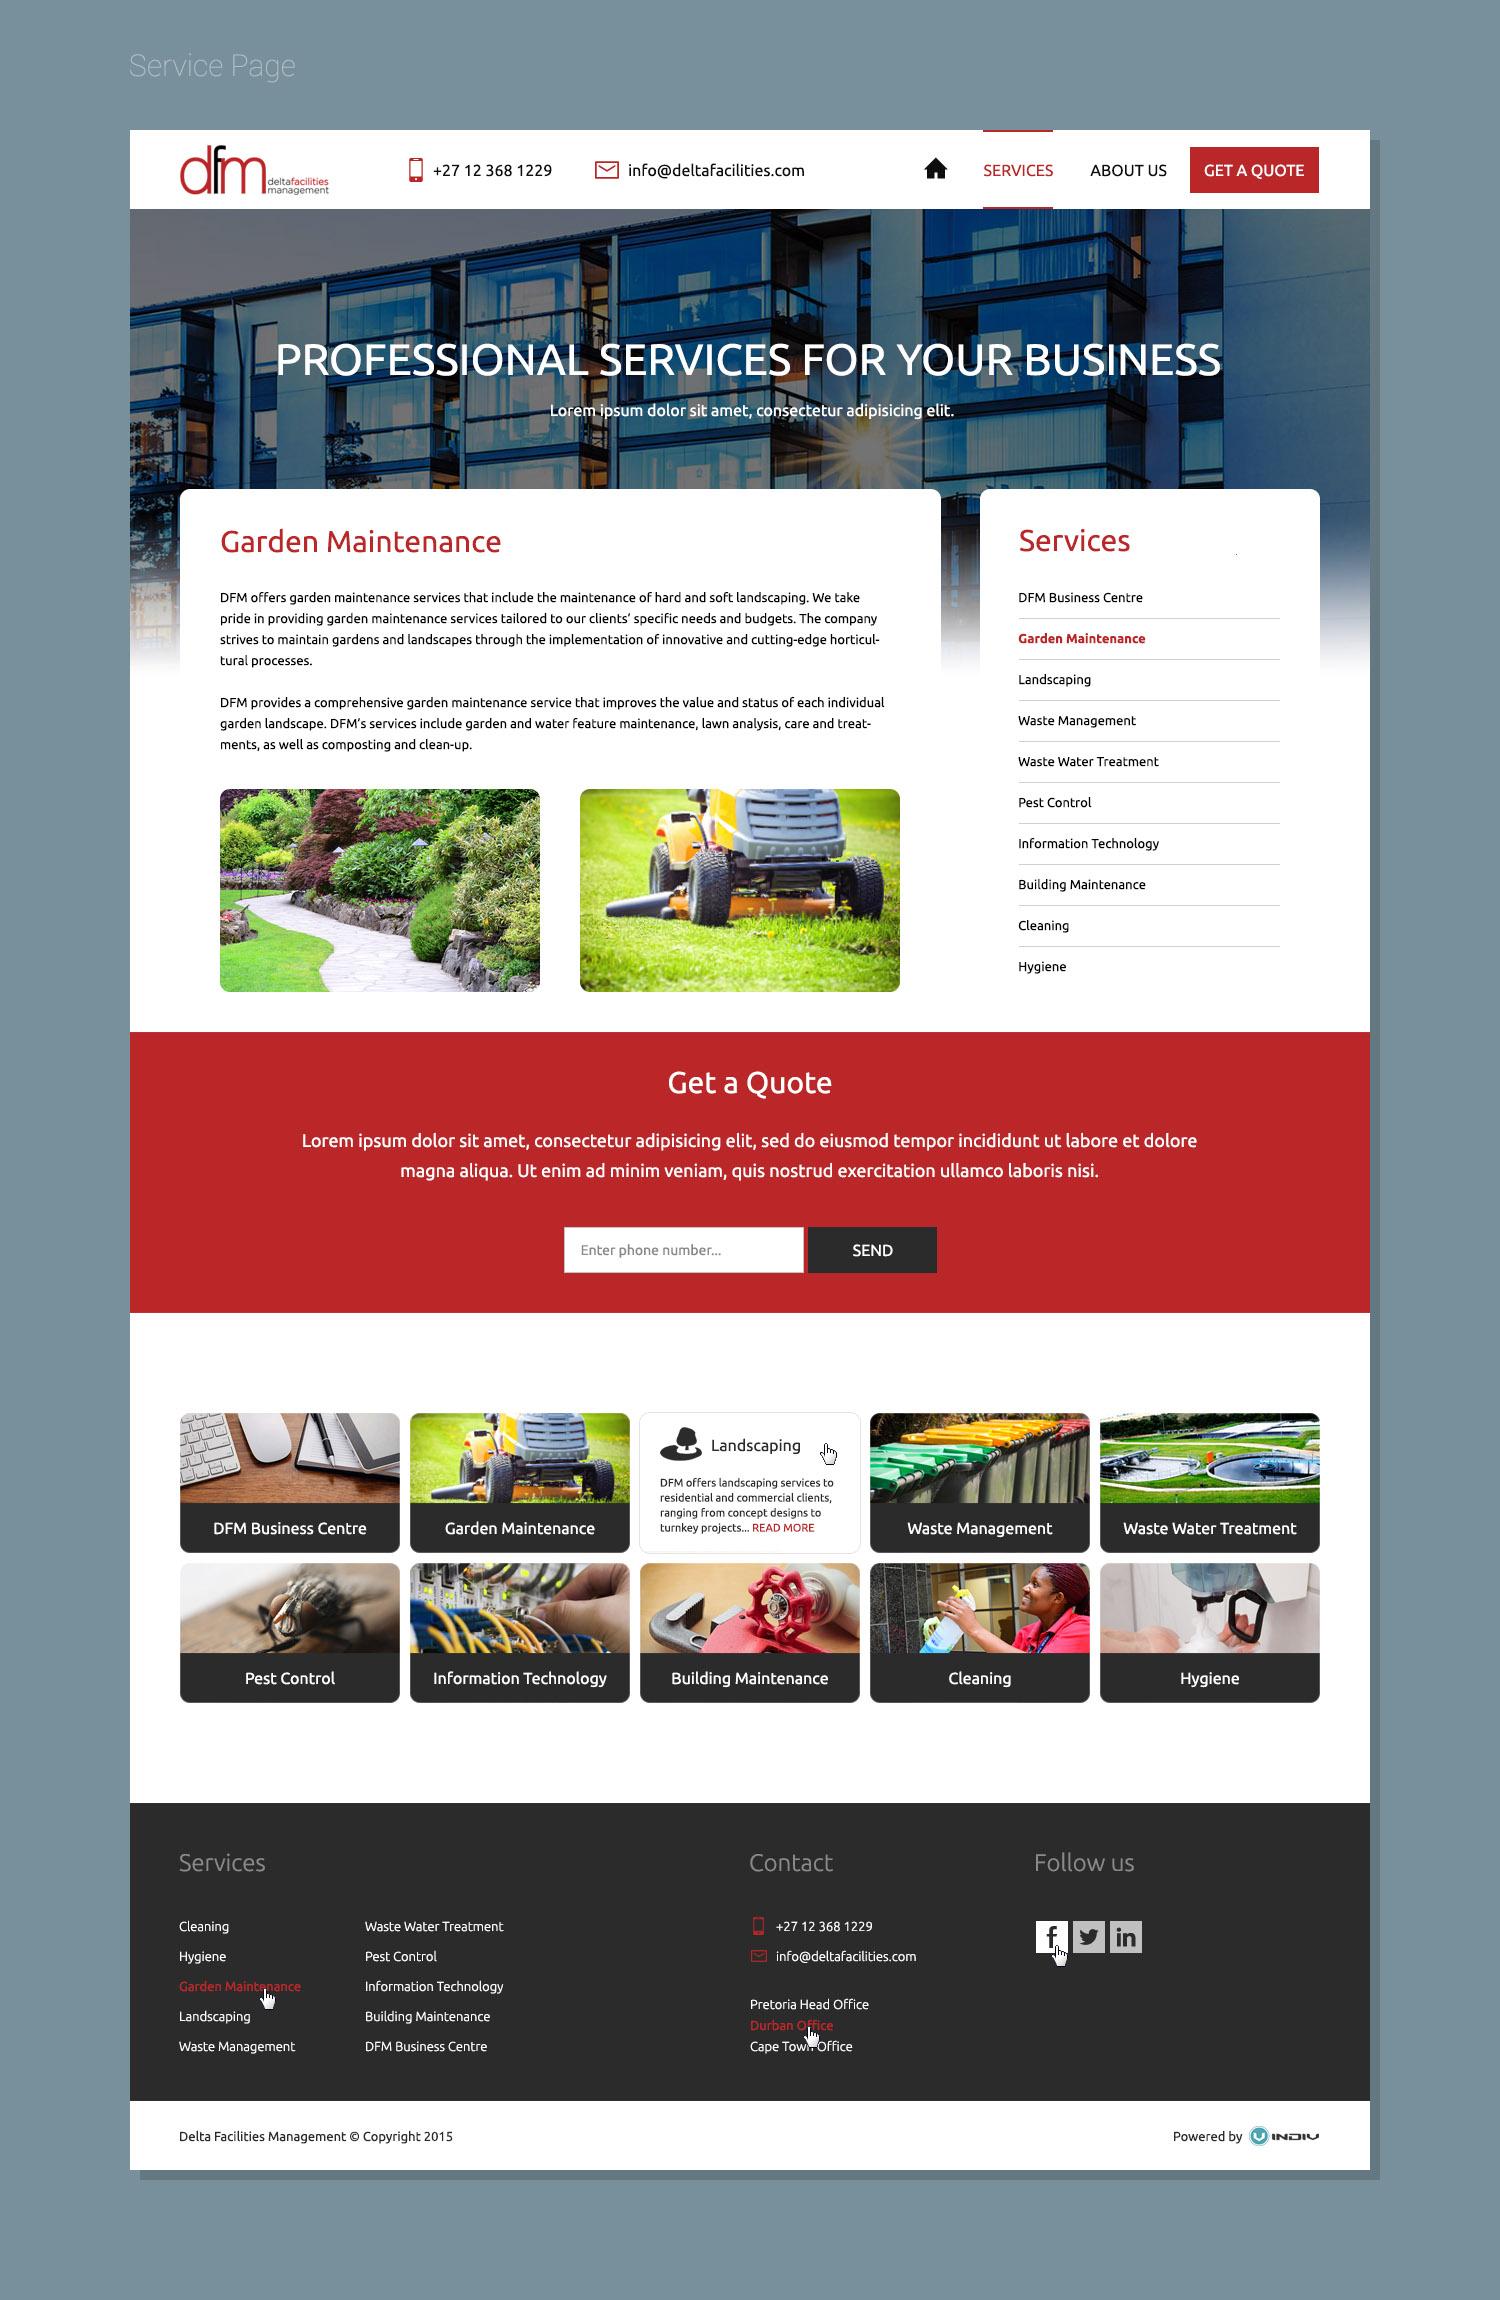 portal www